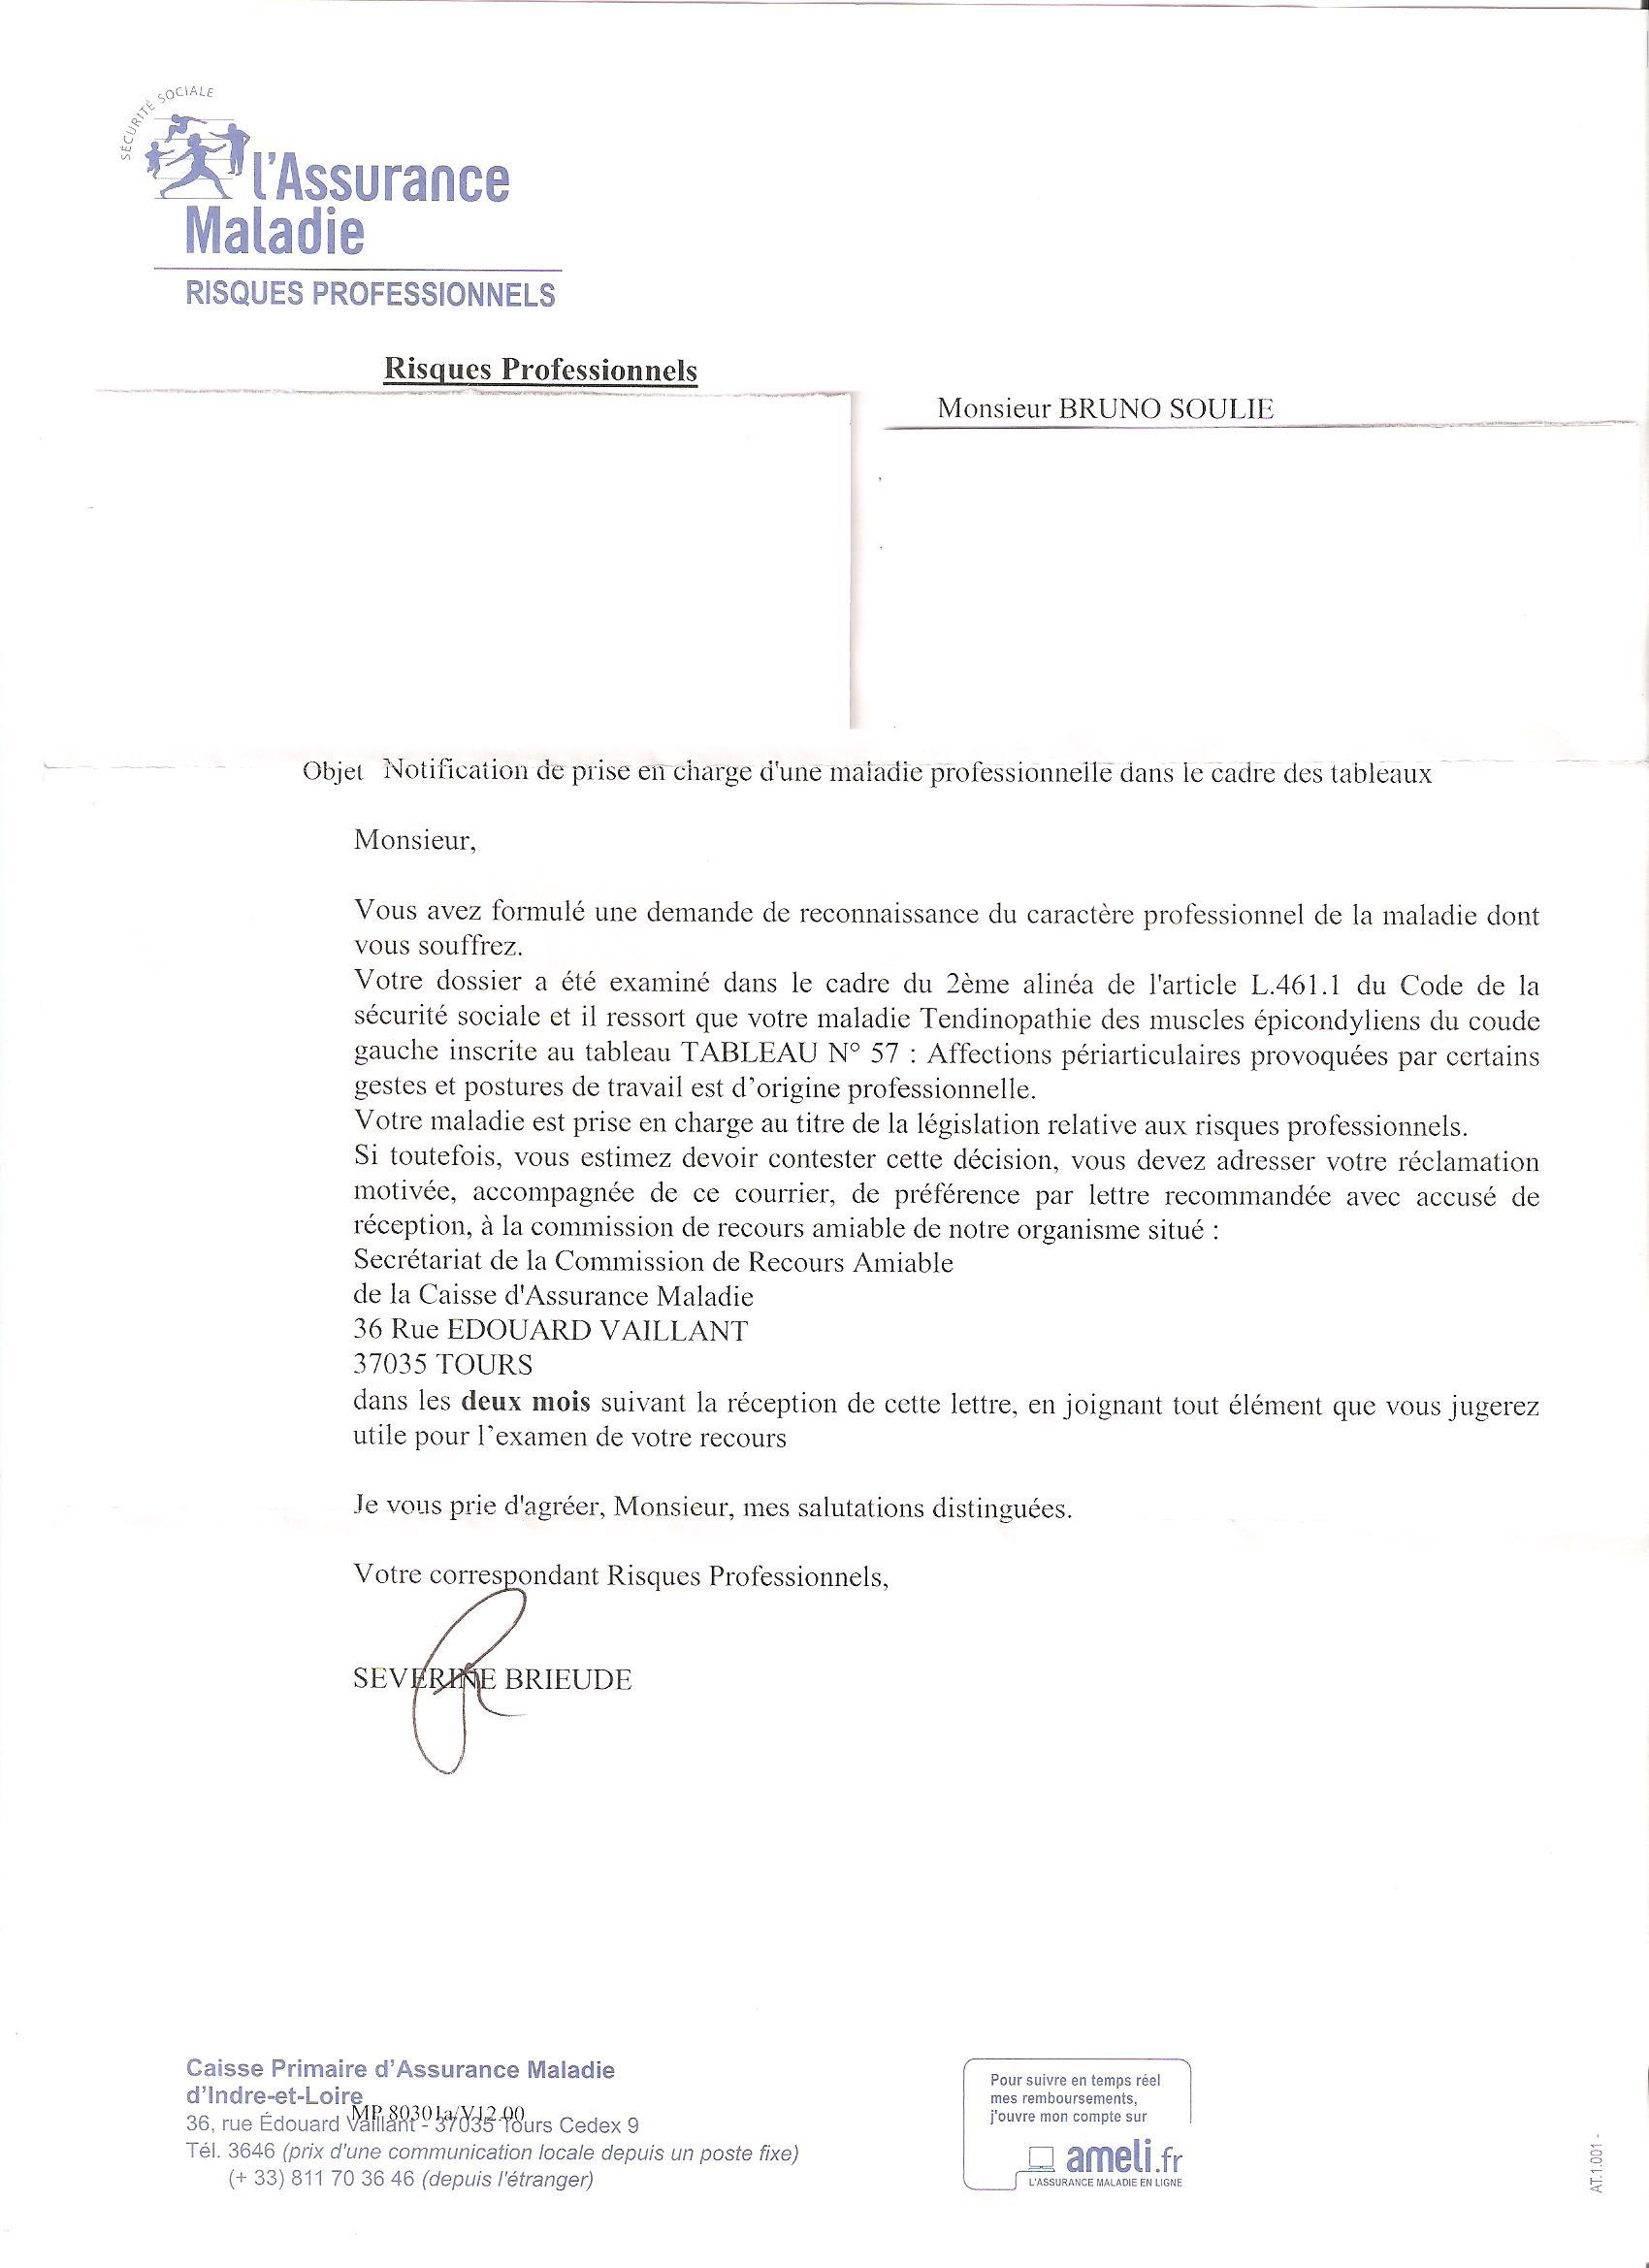 modele de lettre maladie professionnelle Modele Lettre Maladie Professionnelle Fonction Publique  modele de lettre maladie professionnelle